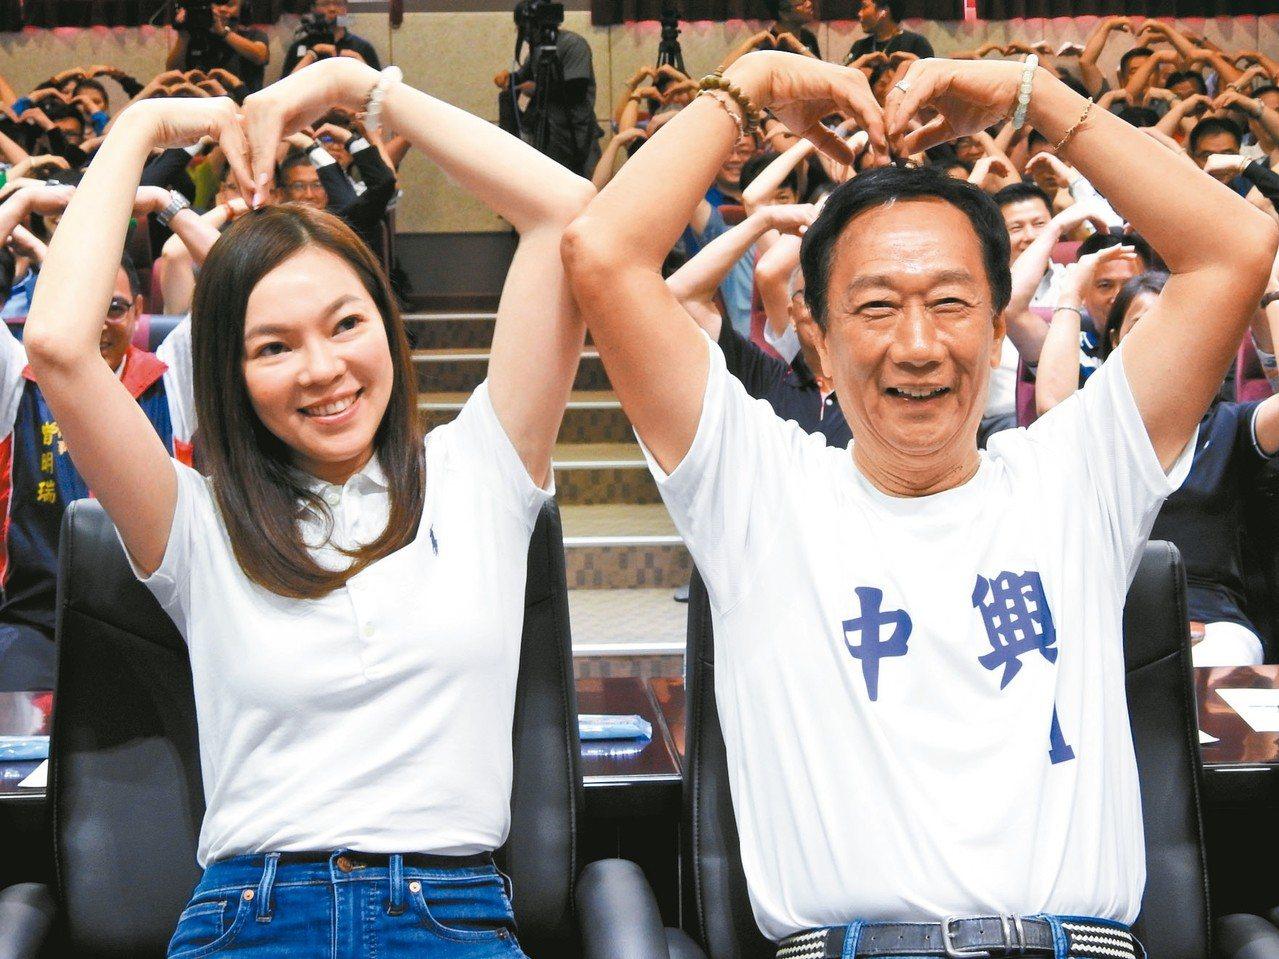 鴻海董事長郭台銘(右)的妻子曾馨瑩,昨首次陪郭跑初選行程。 記者賴香珊/攝影